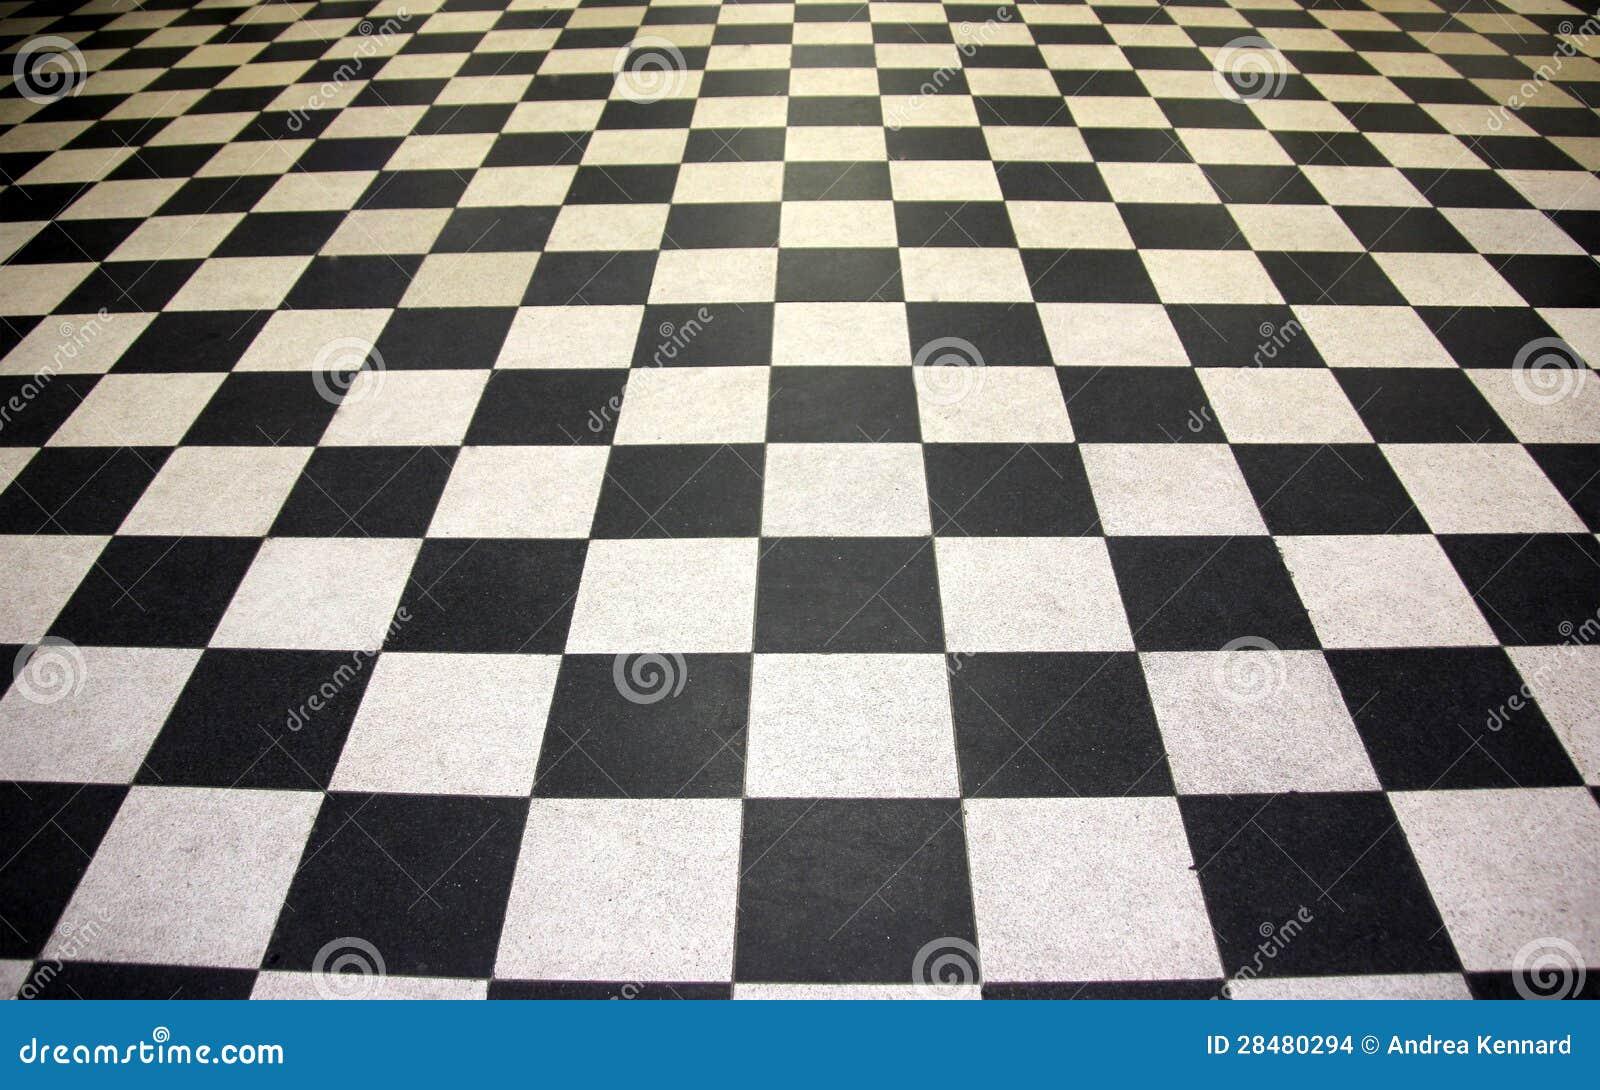 Piastrelle per pavimento in bianco e nero fotografia stock for Pavimento bianco e nero